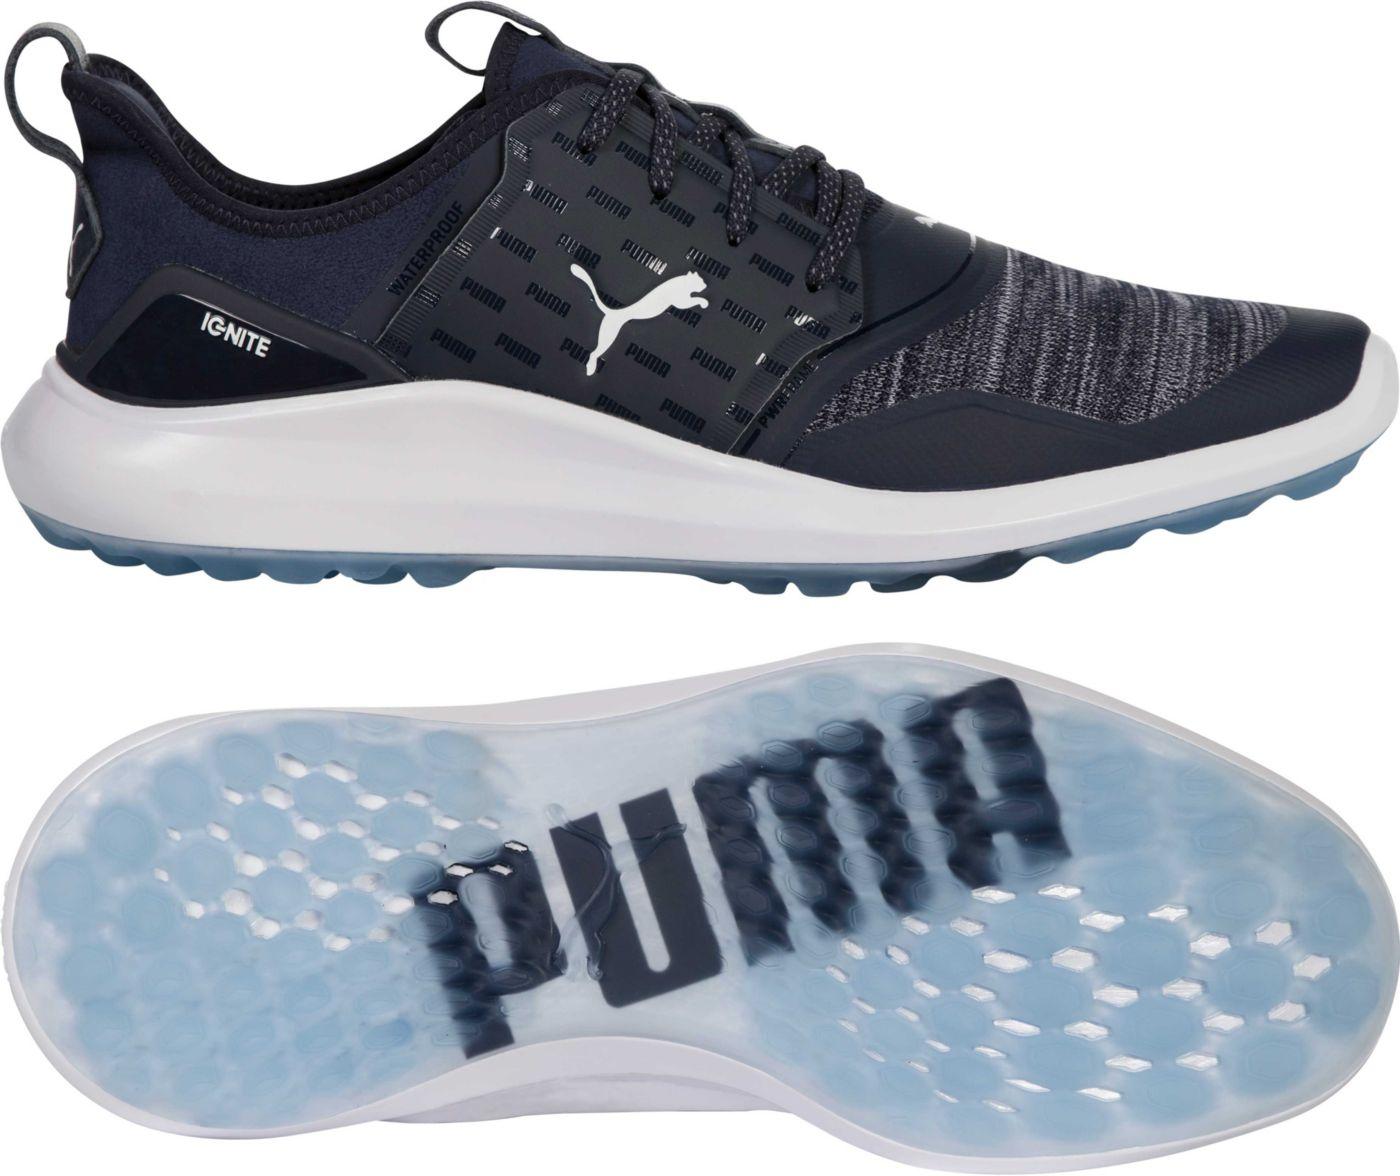 PUMA Men's IGNITE NXT Big Logo Golf Shoes